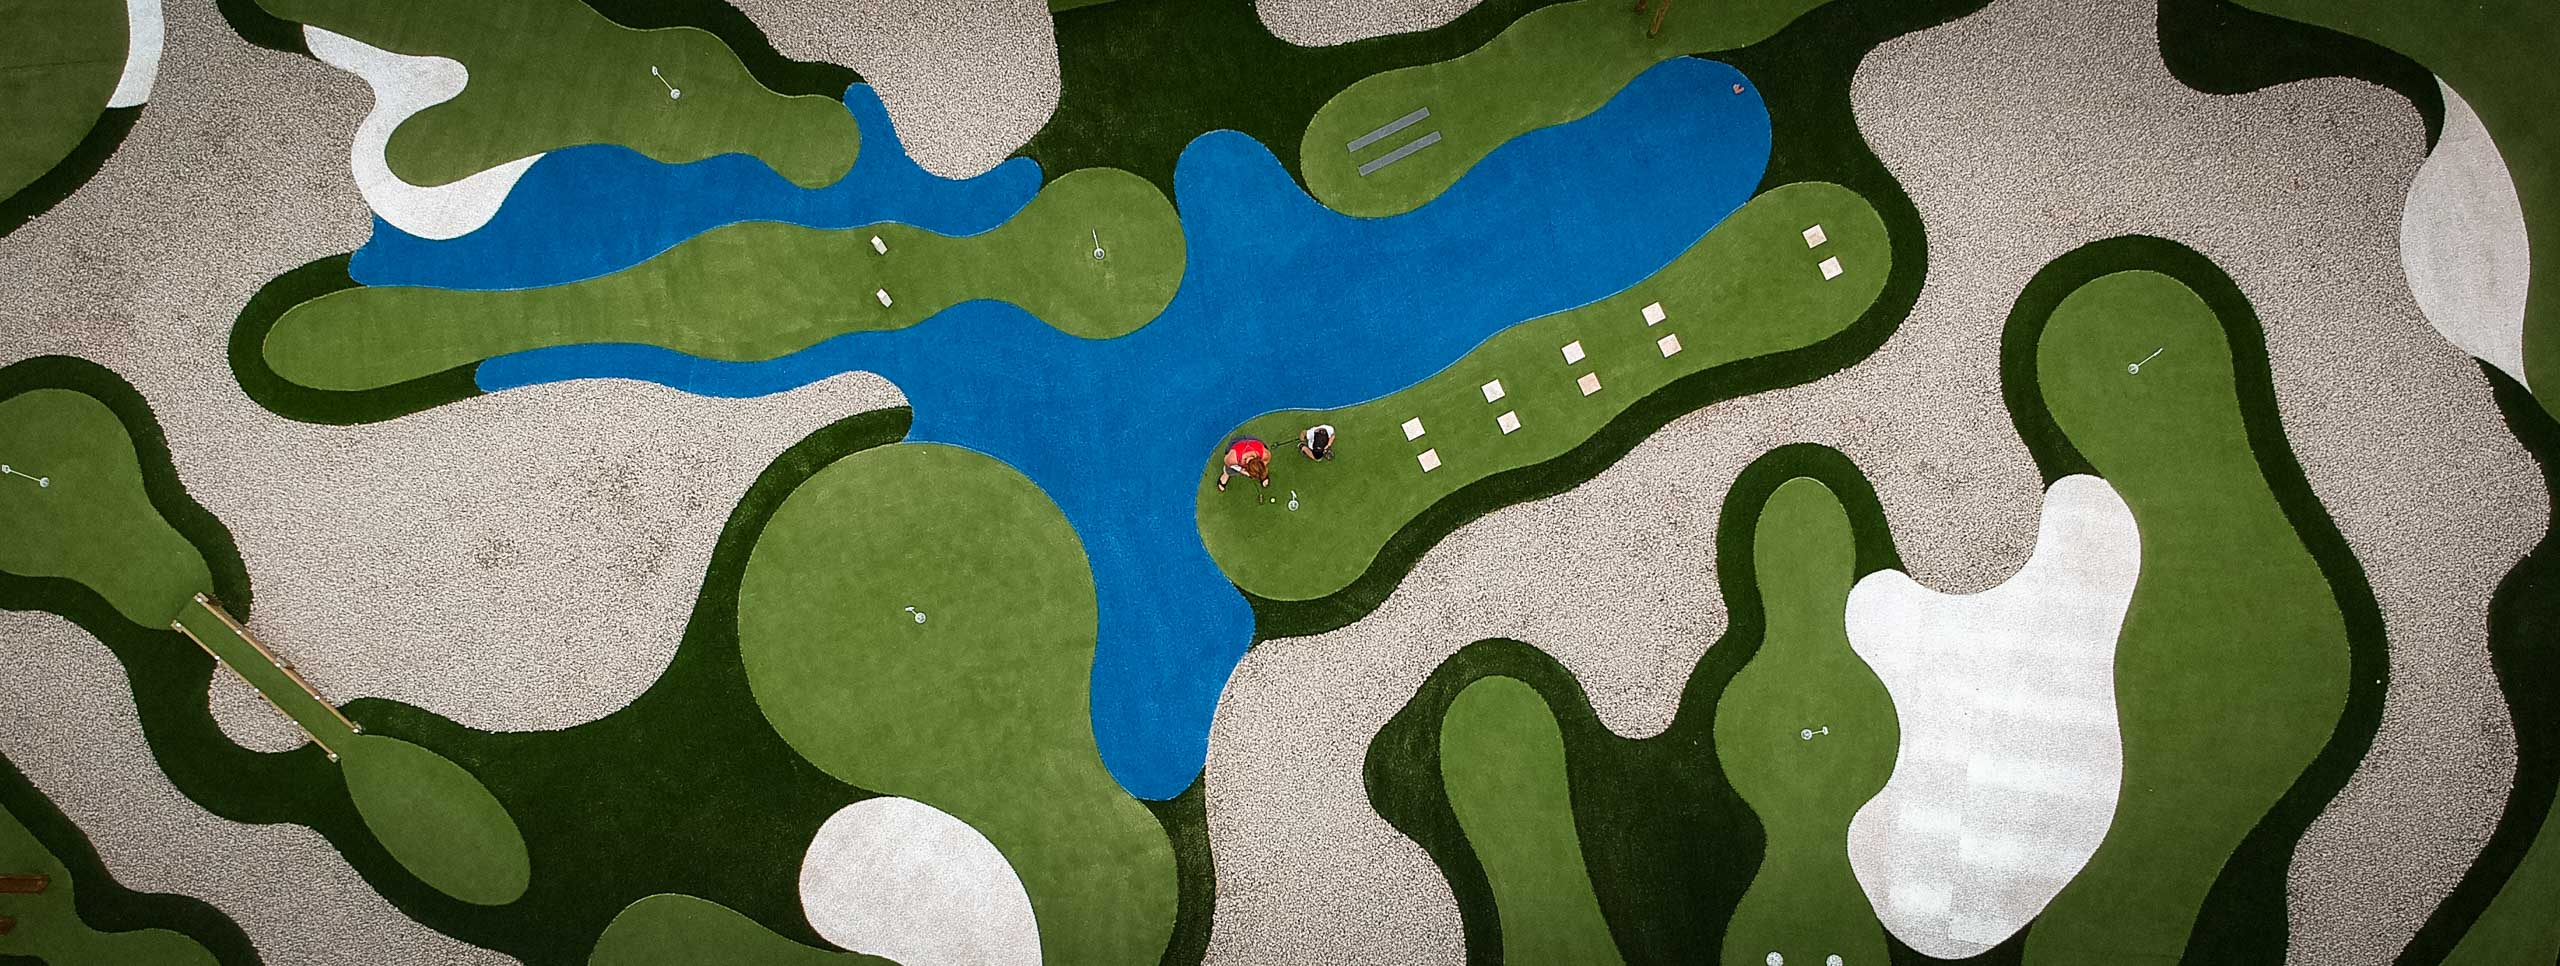 Golf De Saint Etienne Mini Golf 4